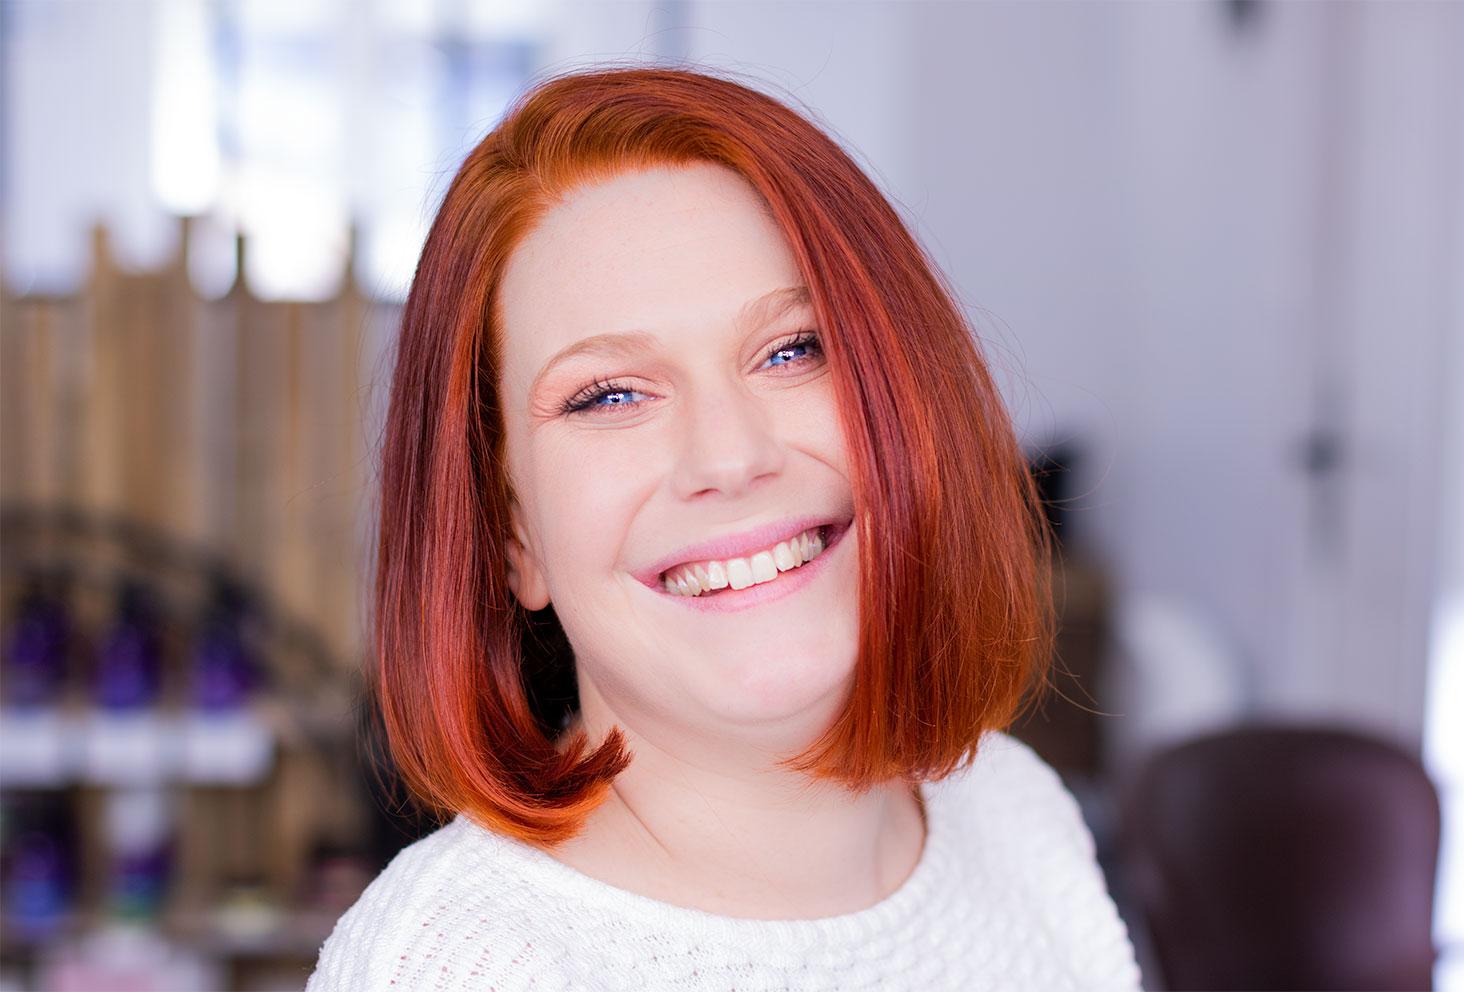 Résultat de la coloration végétale rousse au henné naturel de face avec le sourire et les cheveux coupés au carré